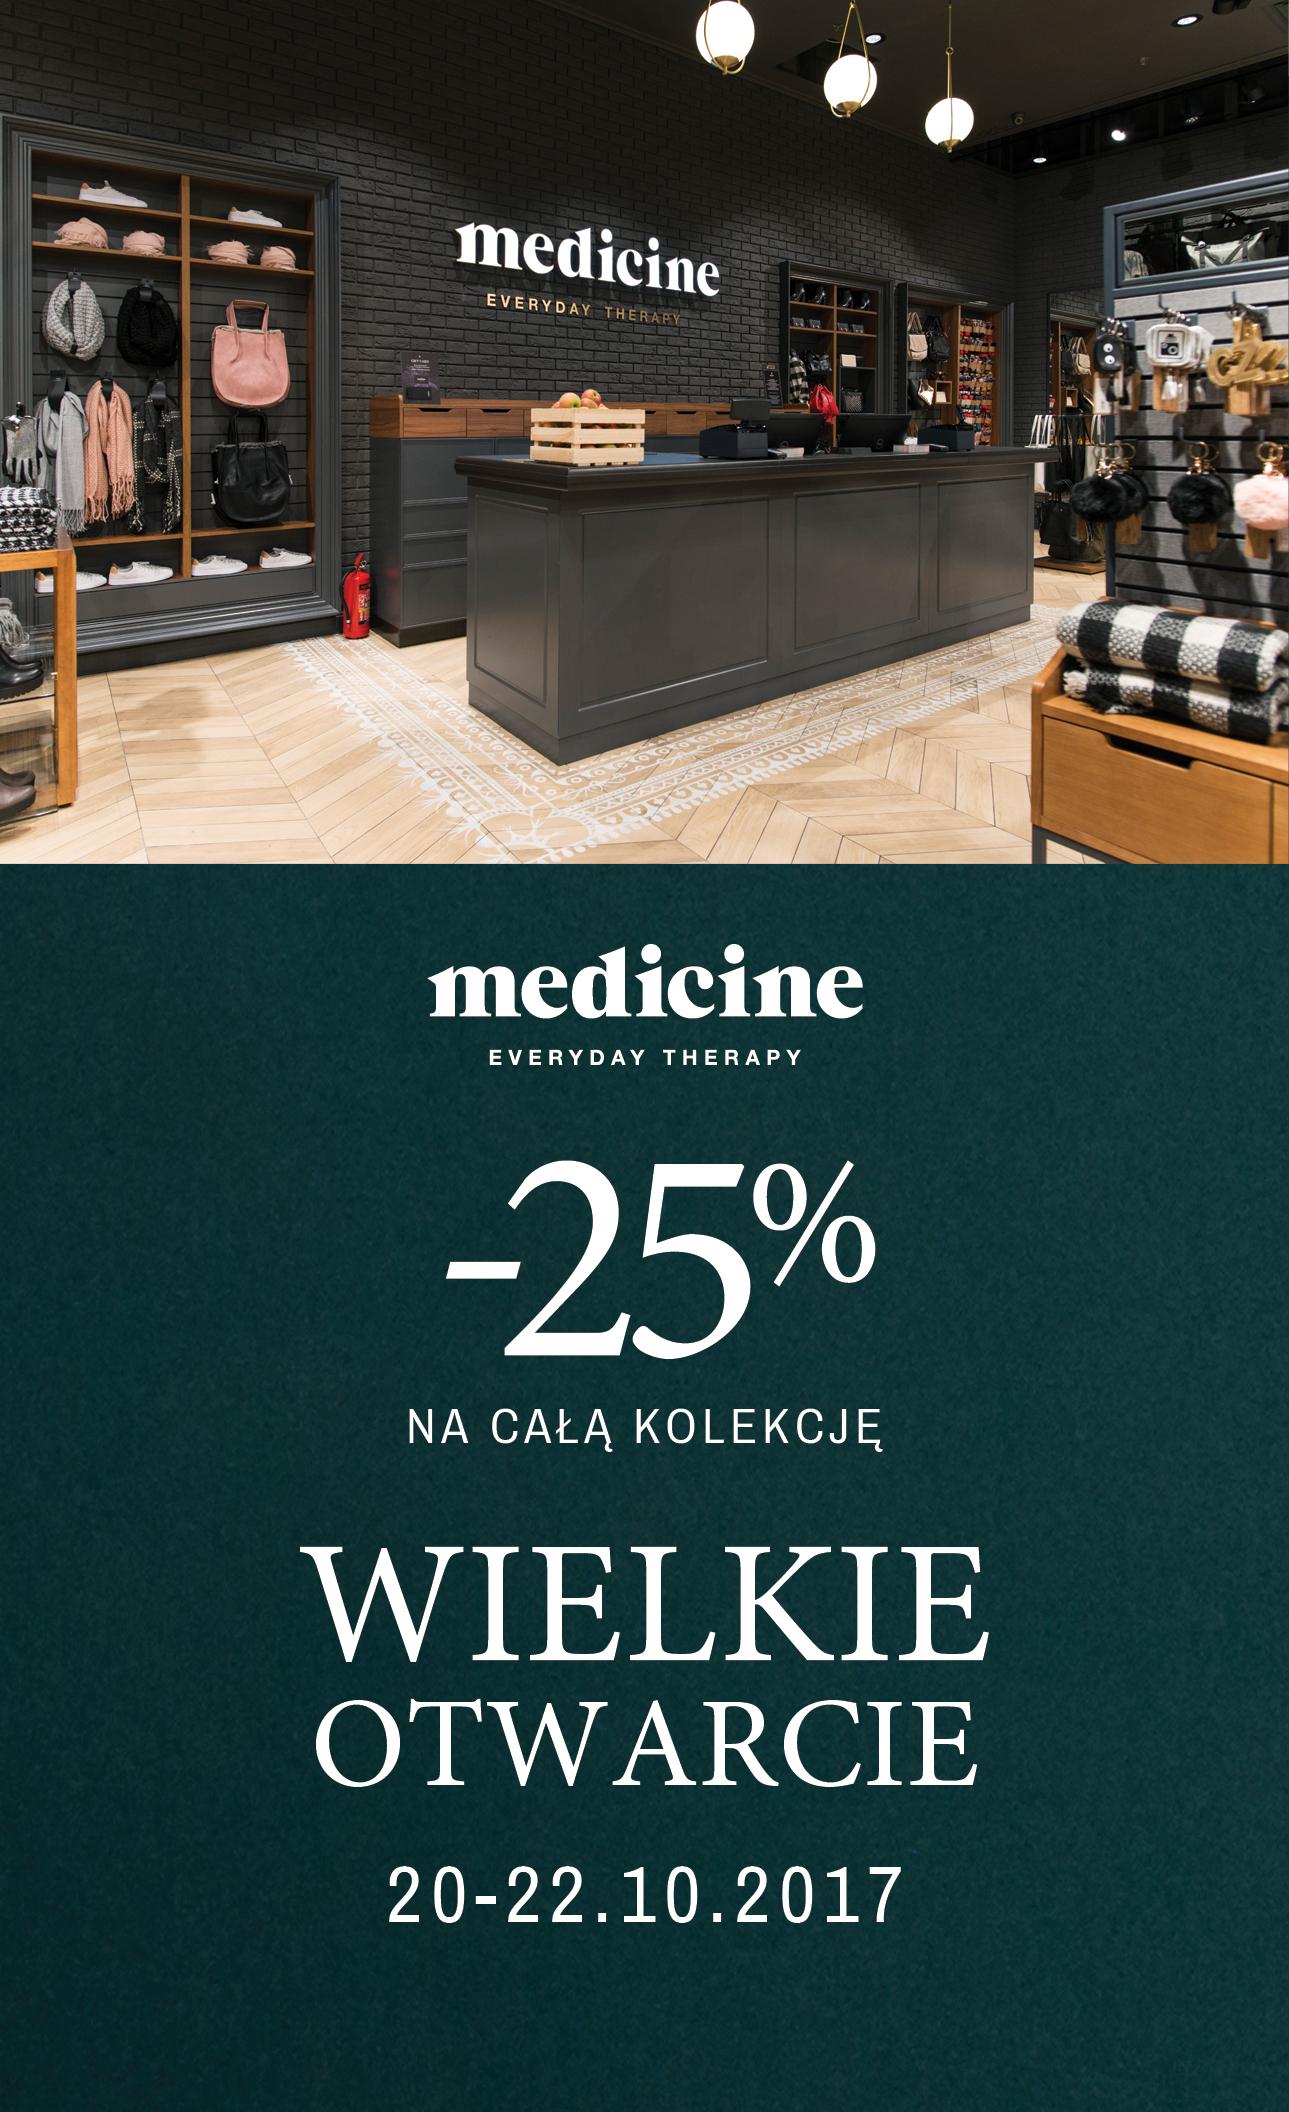 Wielkie otwarcie Medicine